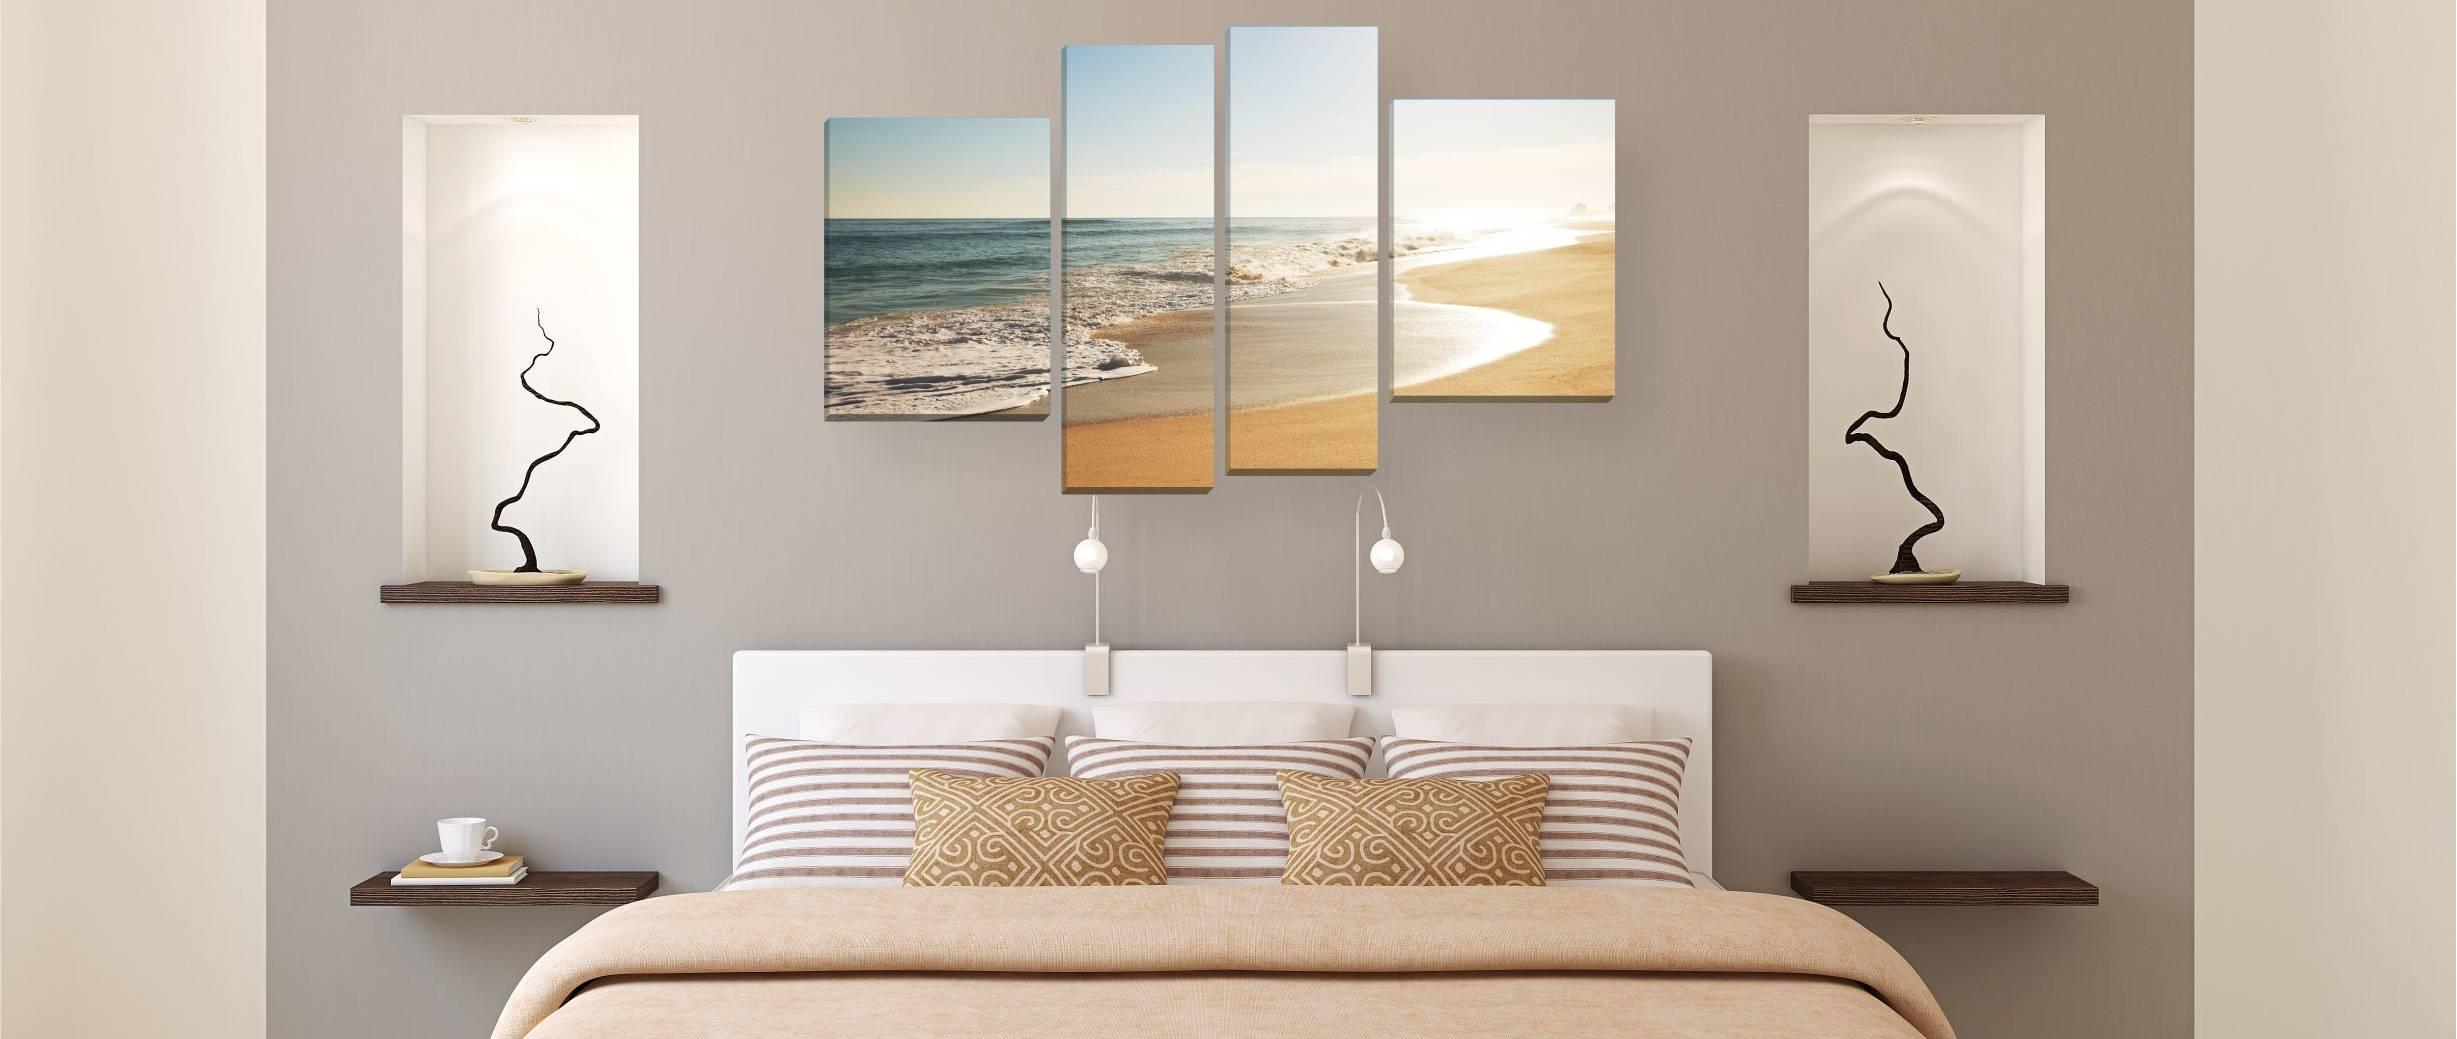 Картины в спальню: 100+ фото [идеи интерьера спальни 2019 года]